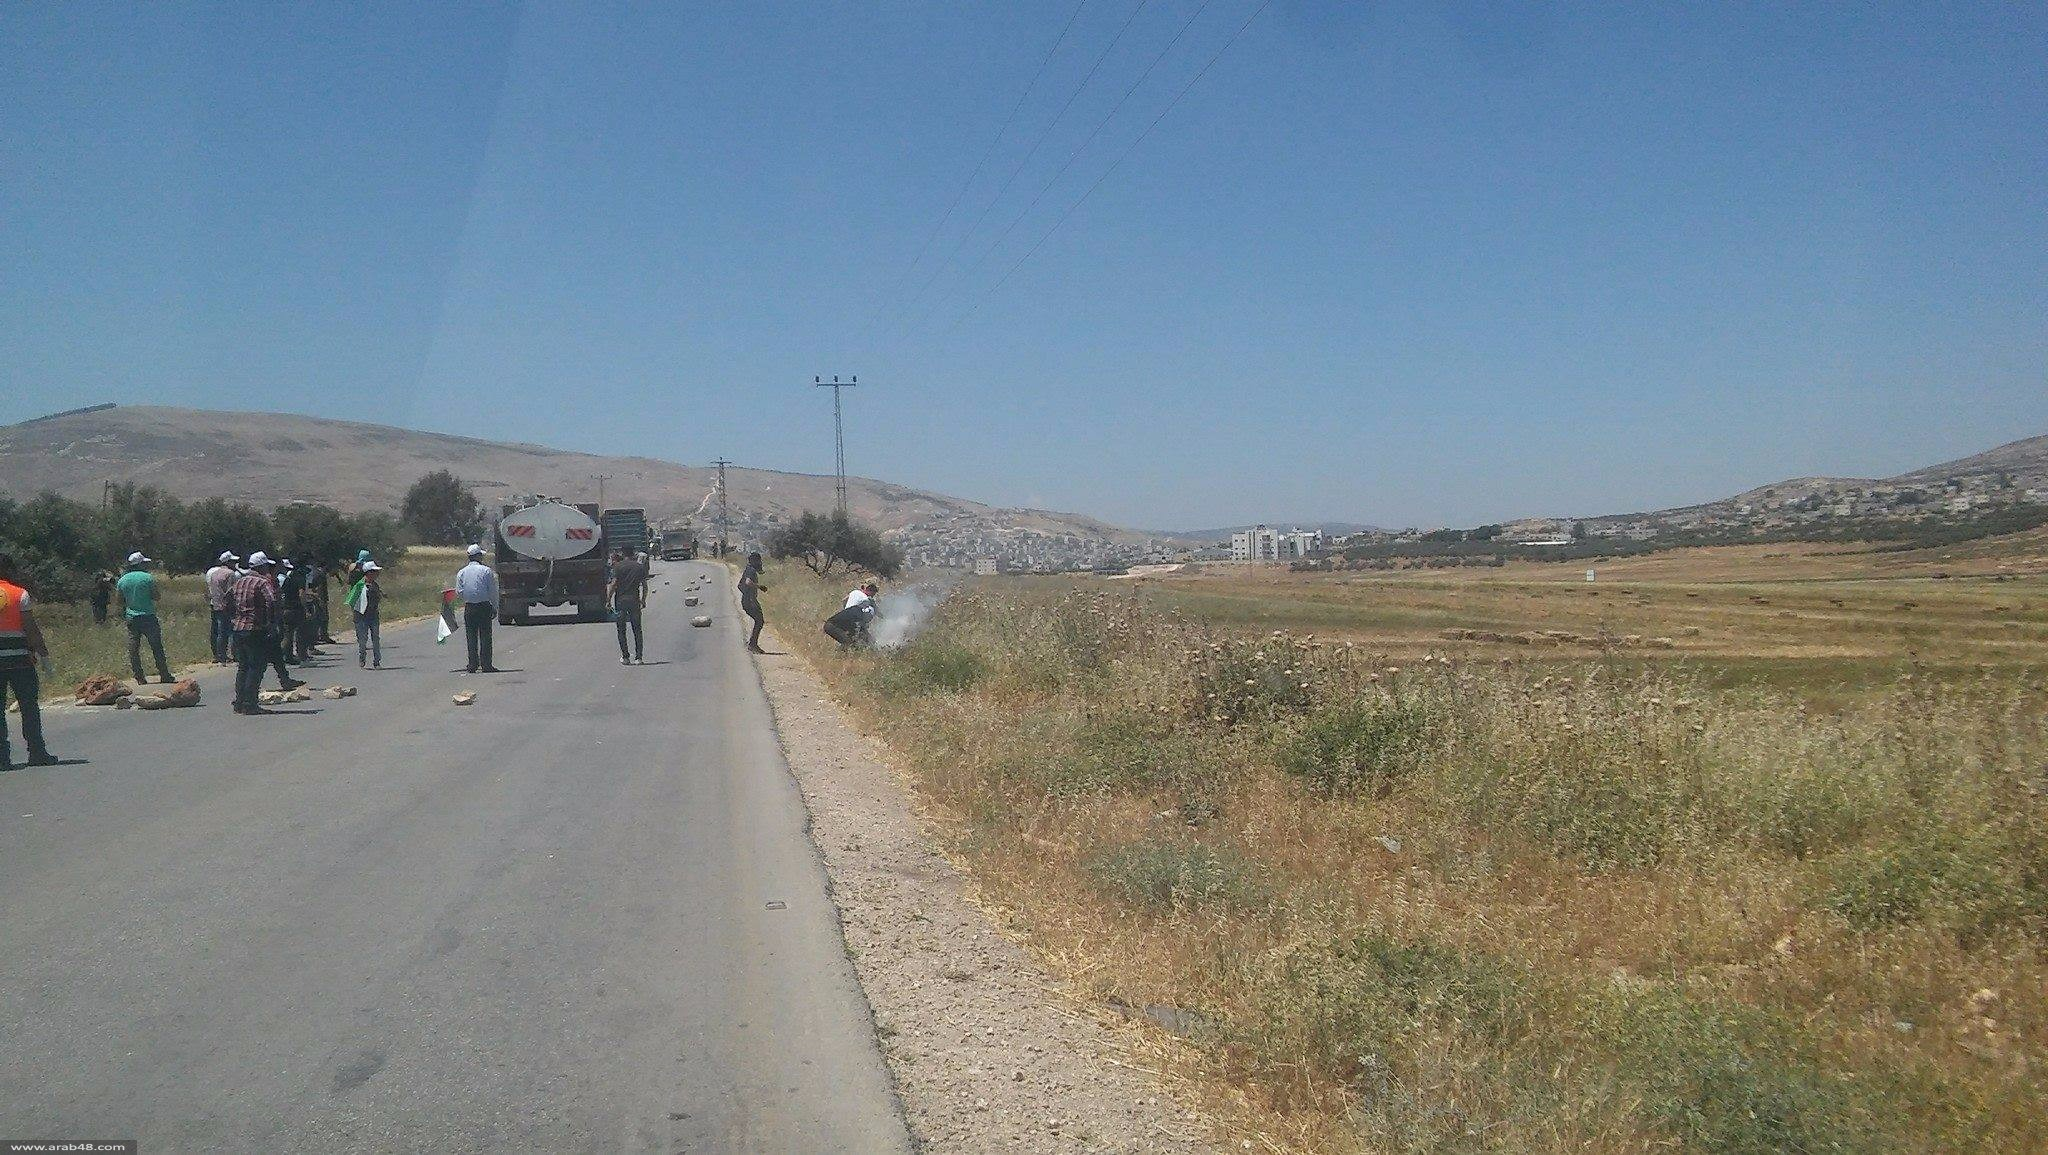 الضفة الغربية: شهيد وعشرات الإصابات بنيران الاحتلال بمظاهرات إسناد الأسرى